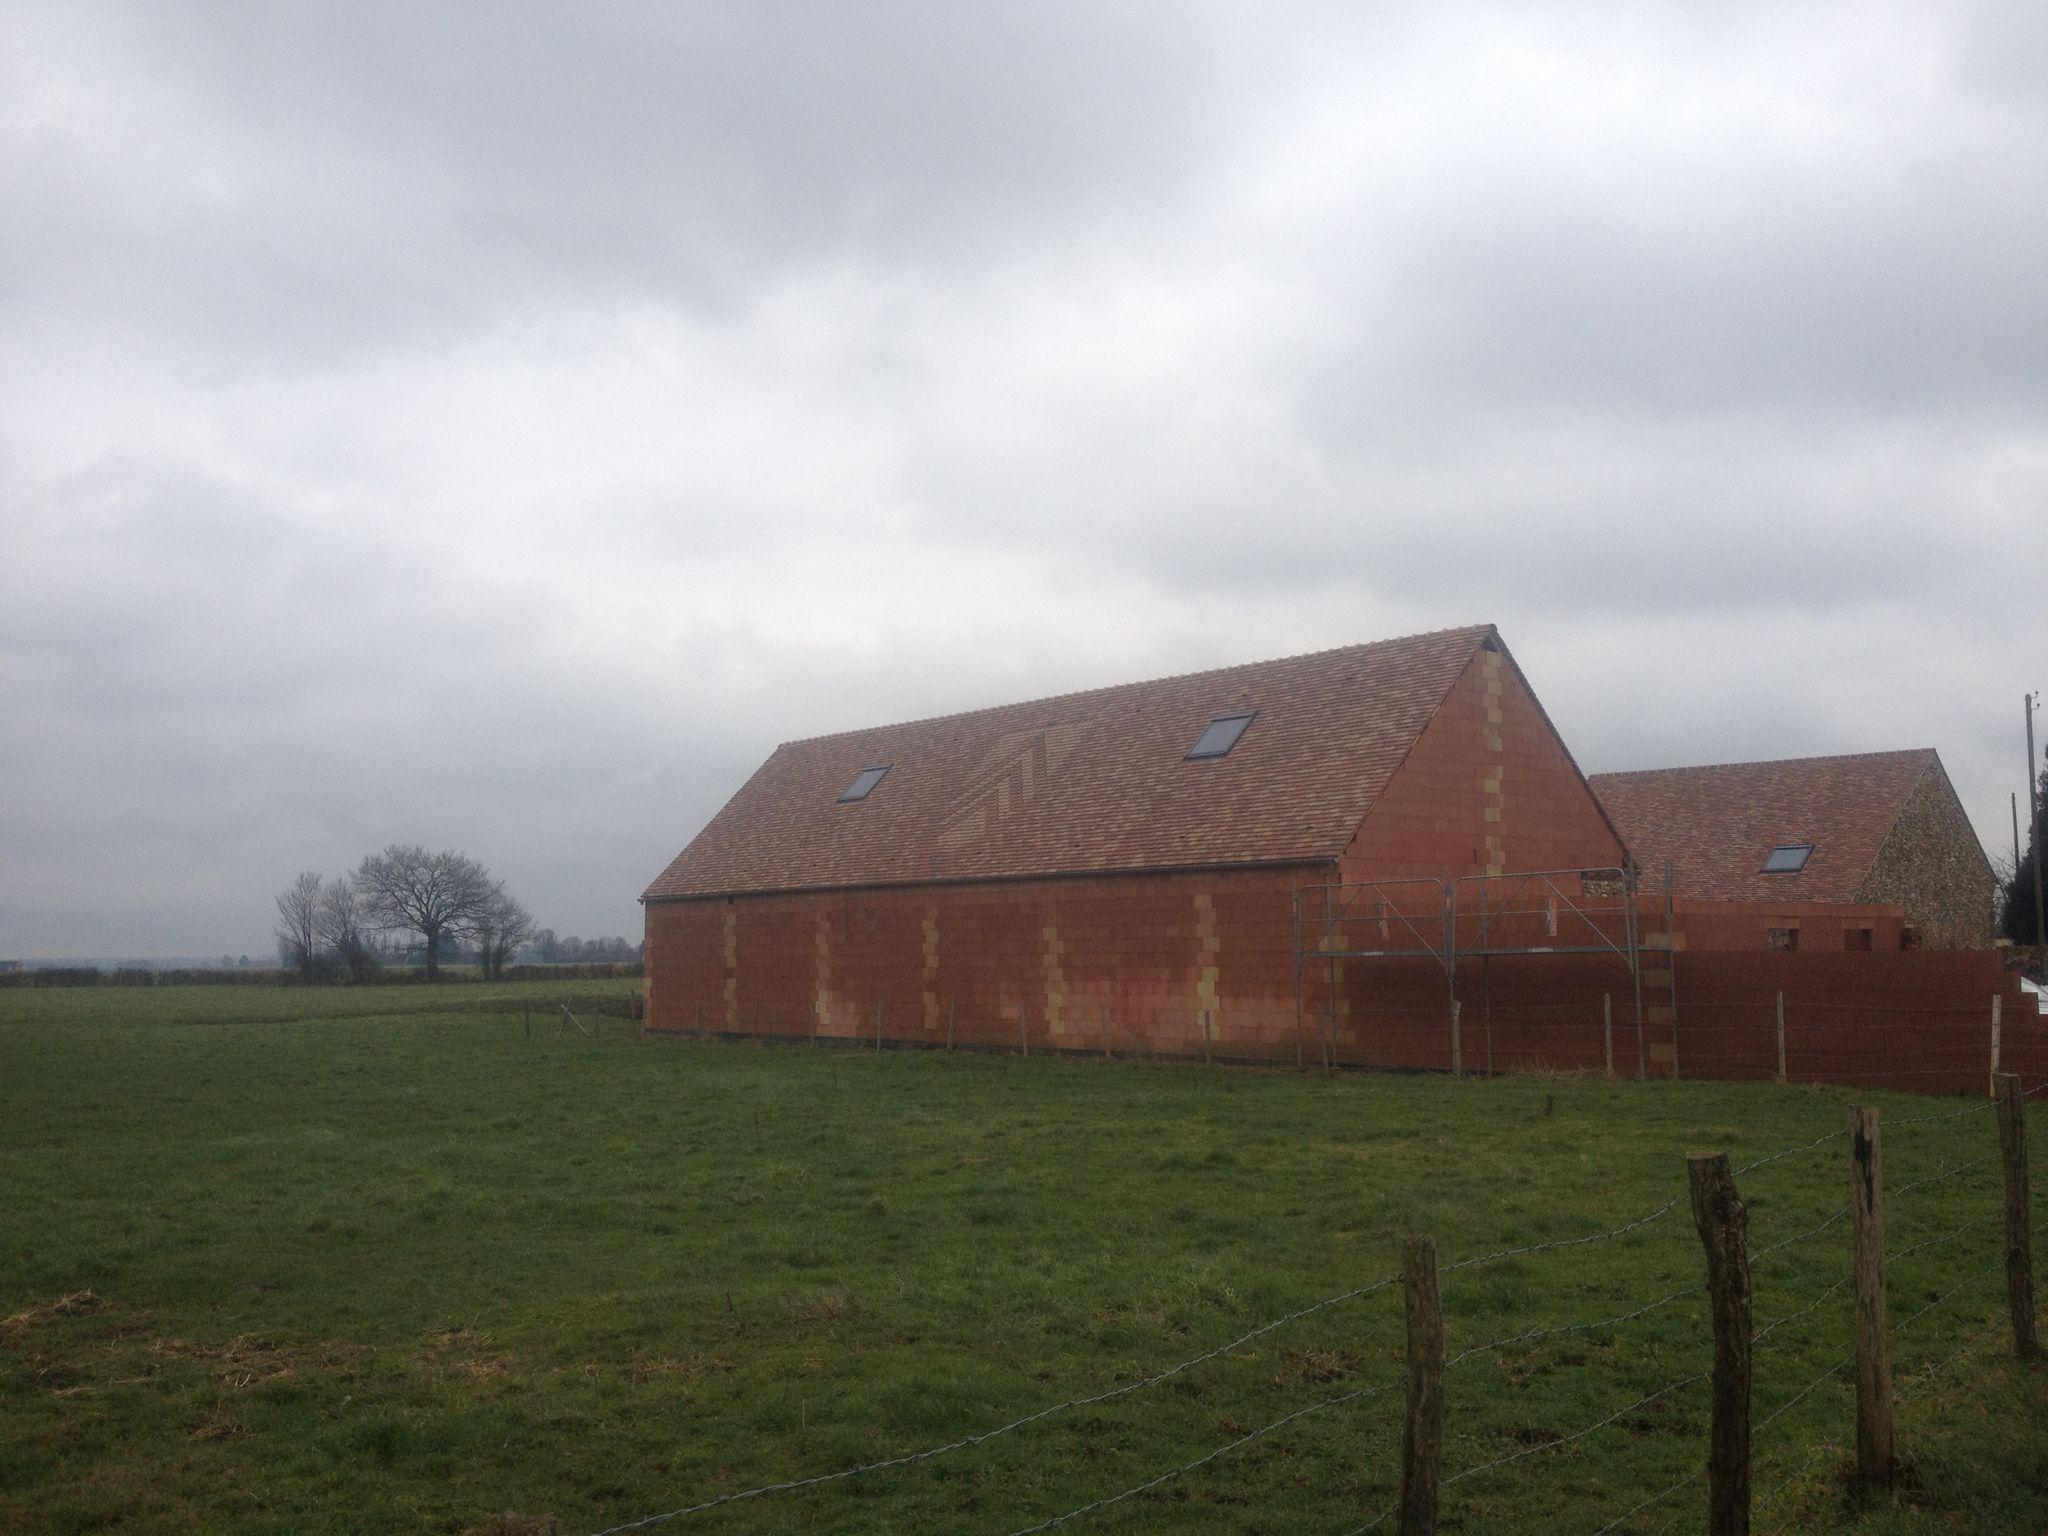 La toiture de la grange est terminée